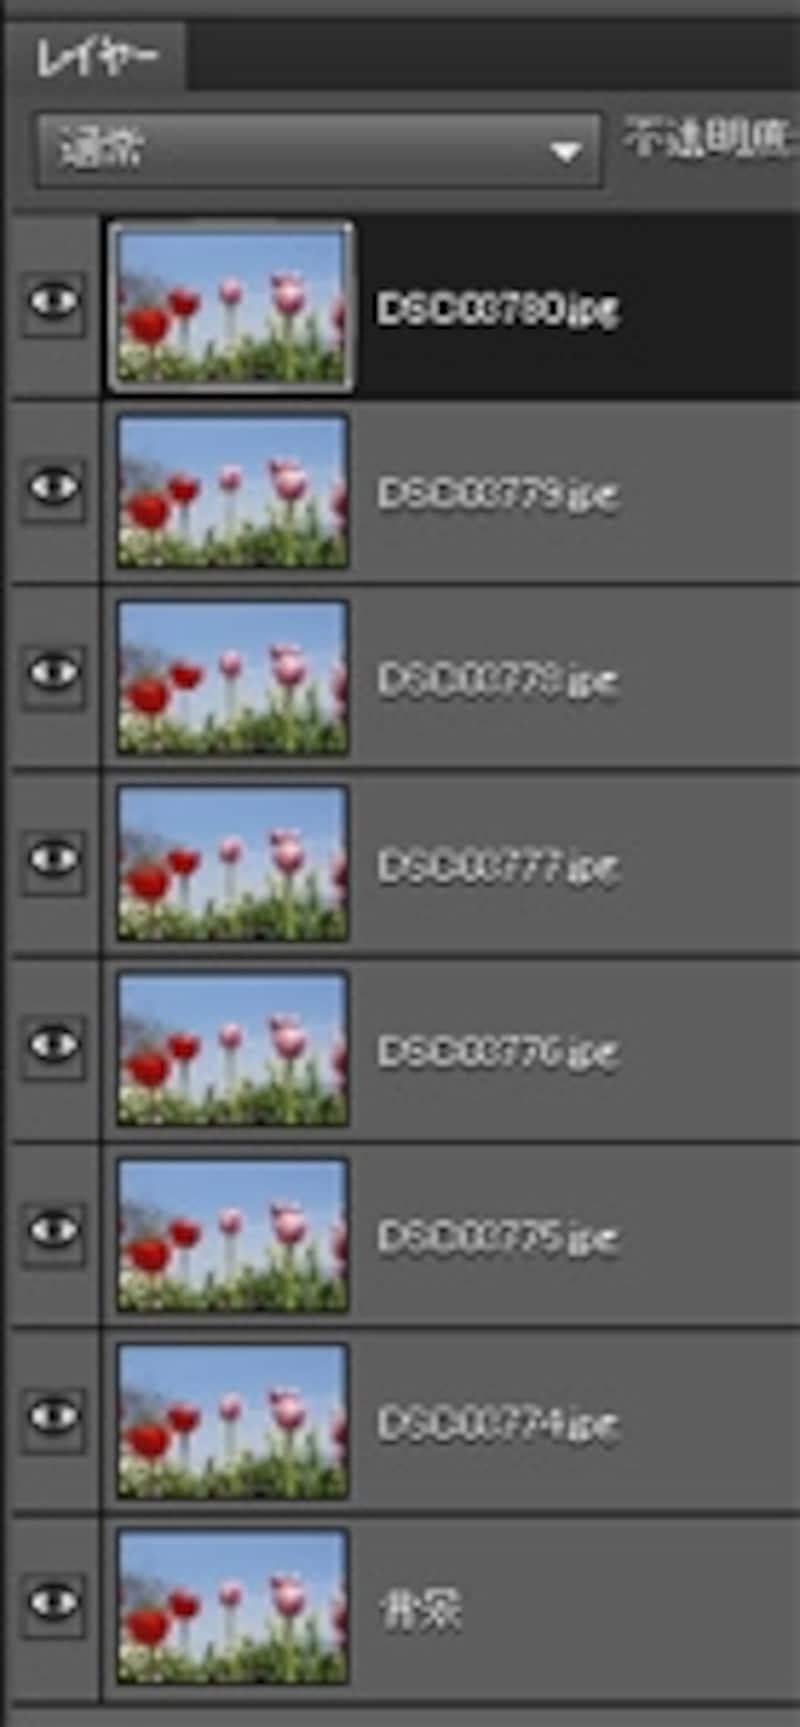 全ての連続写真を1枚目の写真のレイヤーに重ねた状態